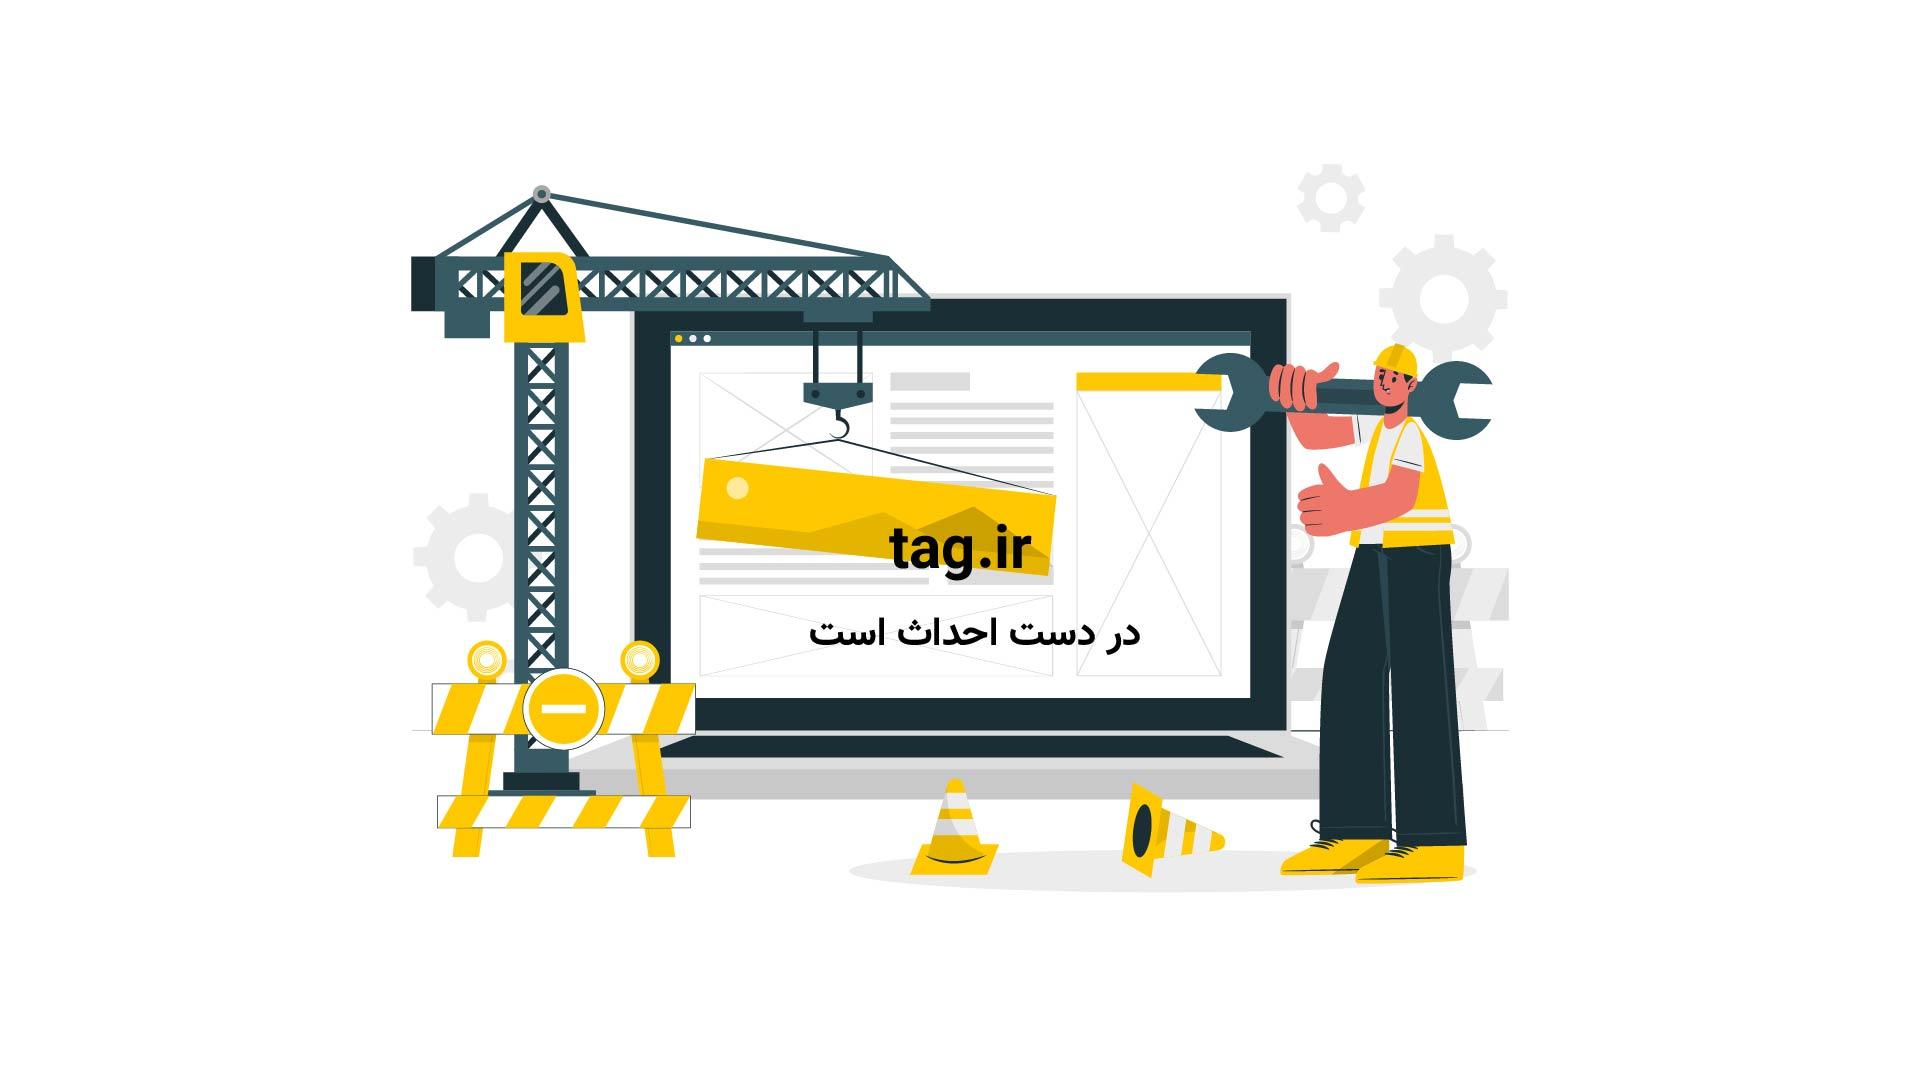 دلیل پیدایش کیهان و رویایی که به واقعیت بدل می شود | فیلم